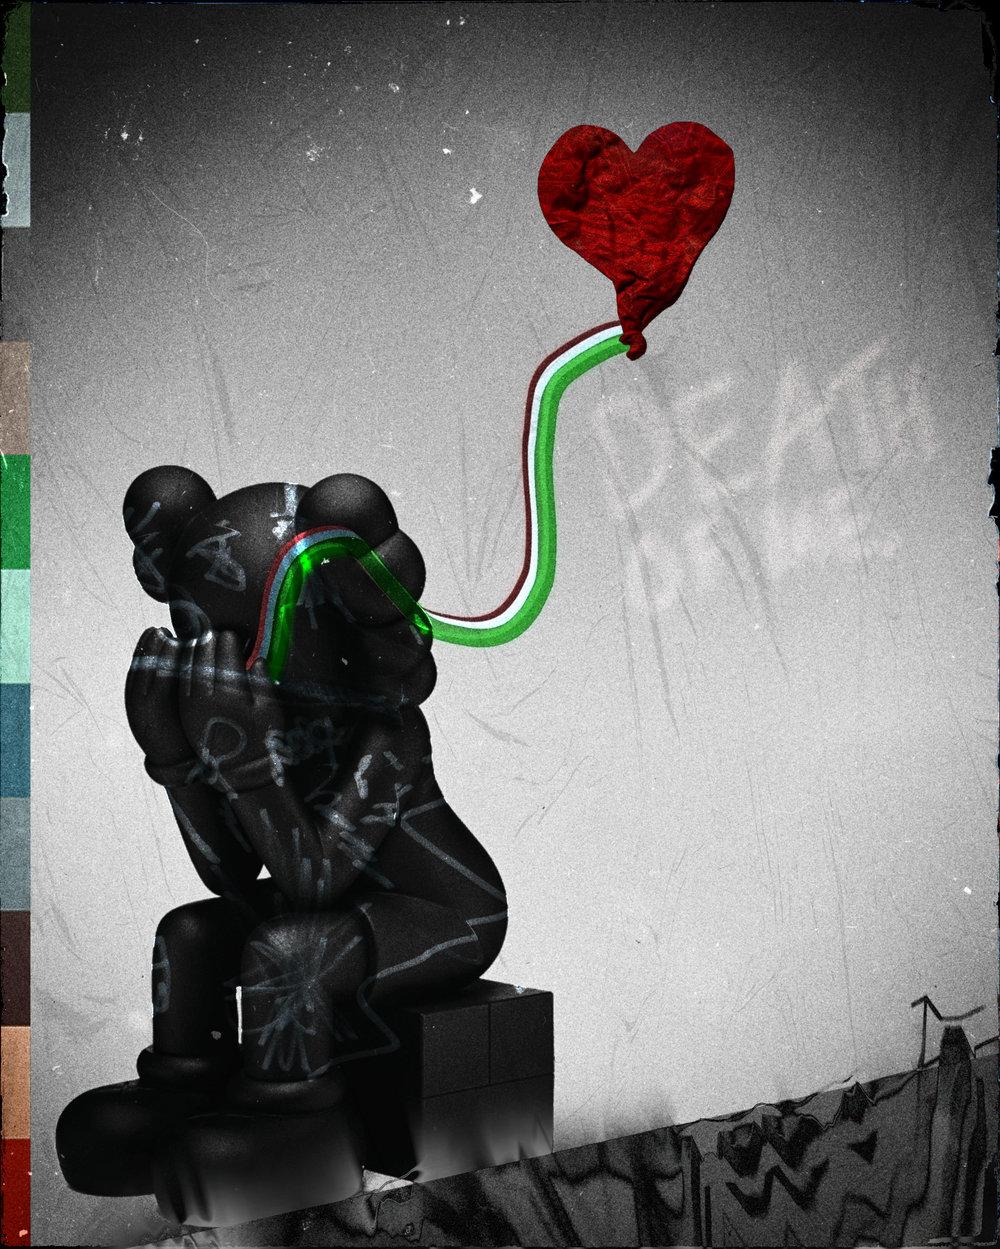 PSDs & Heartbreak - 28-09-18